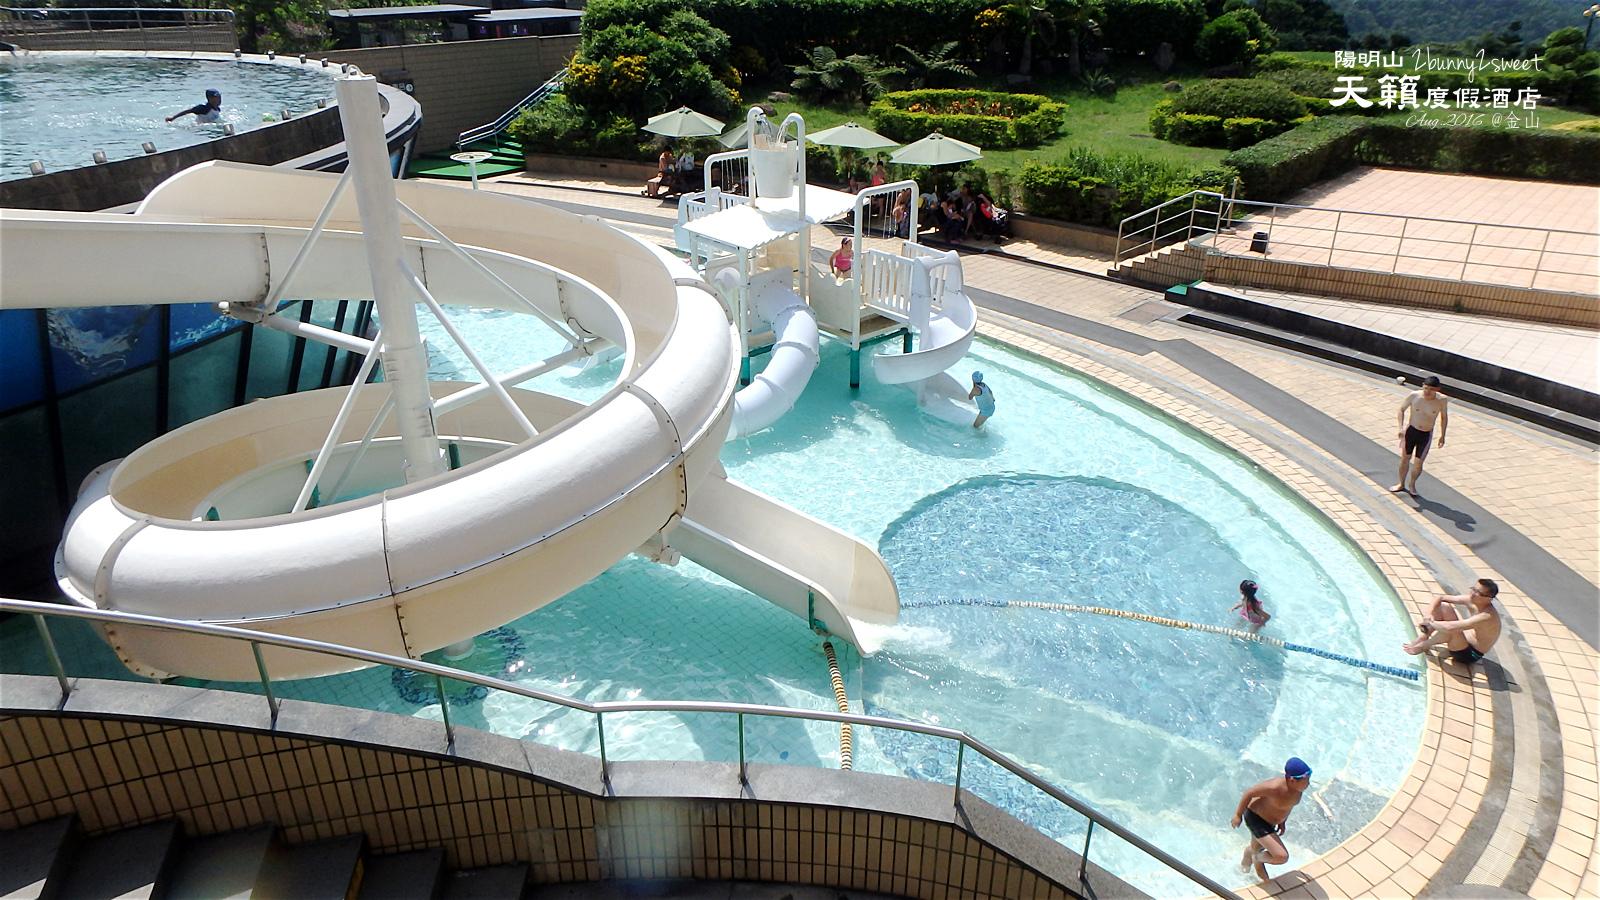 2016-0820-天籟度假酒店-229.jpg